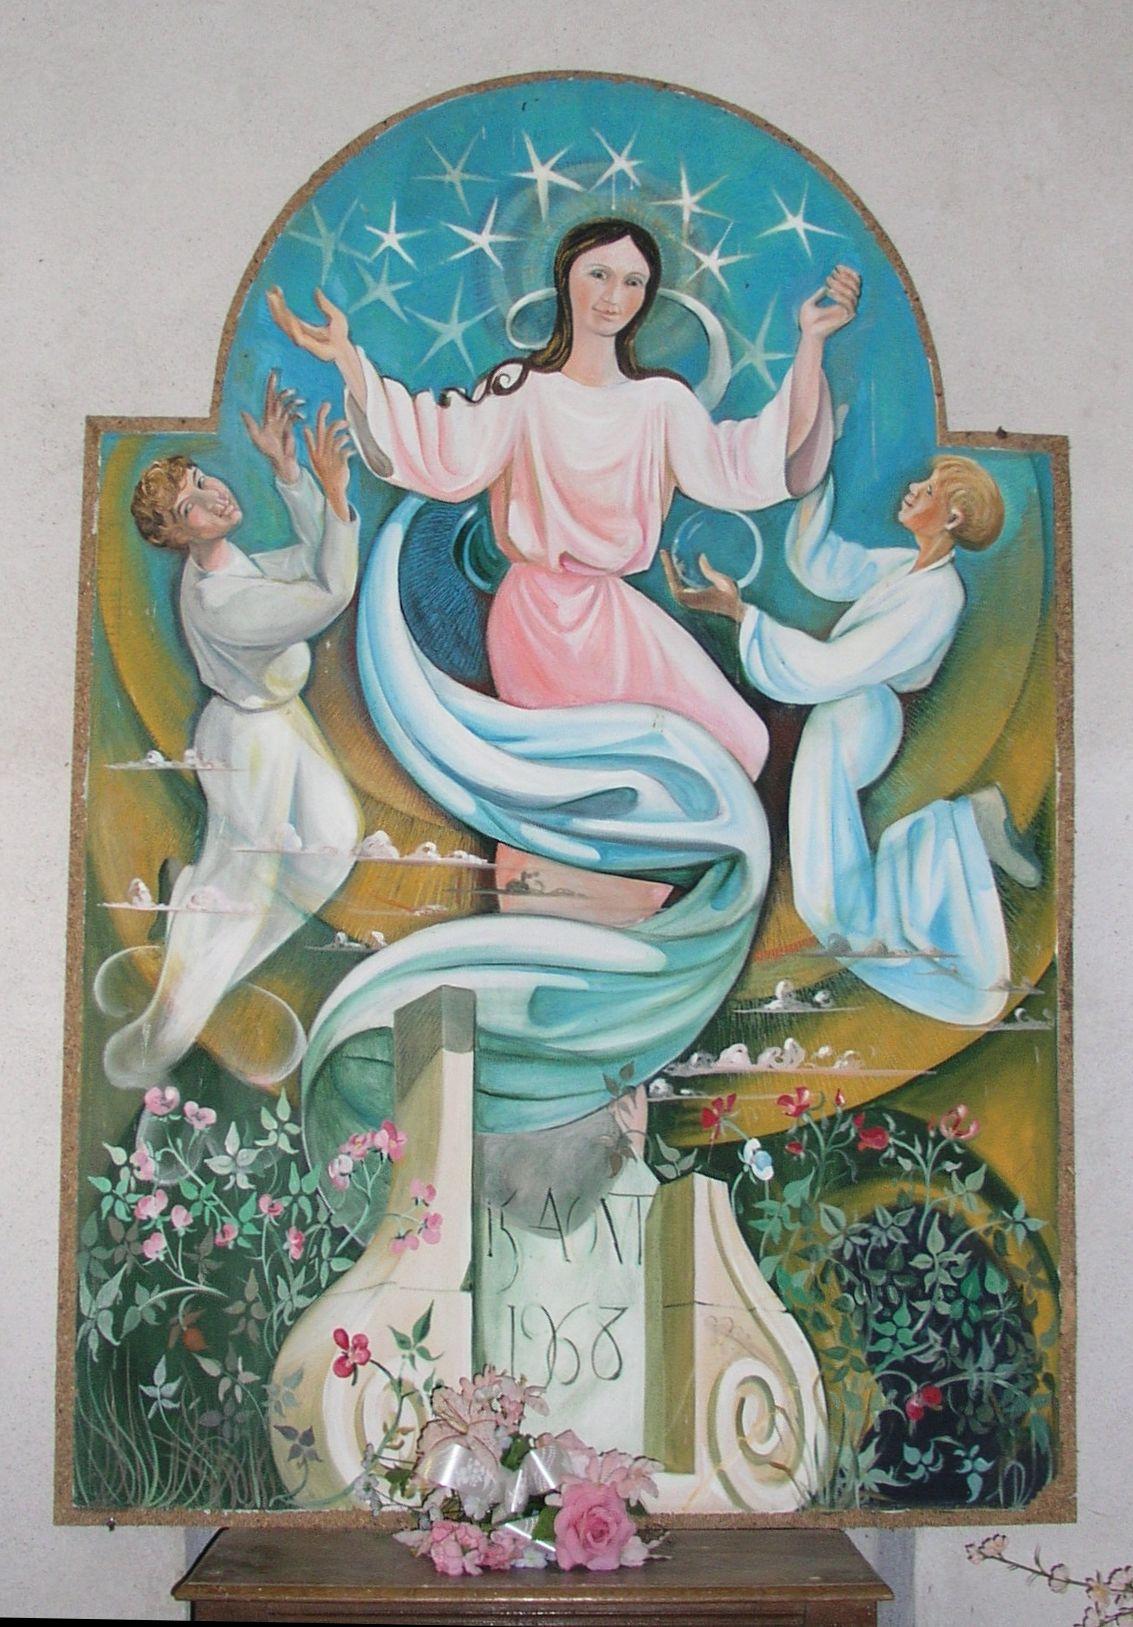 Oeuvre de Michel Bouillot, chapelle de Sancenay à Oyé